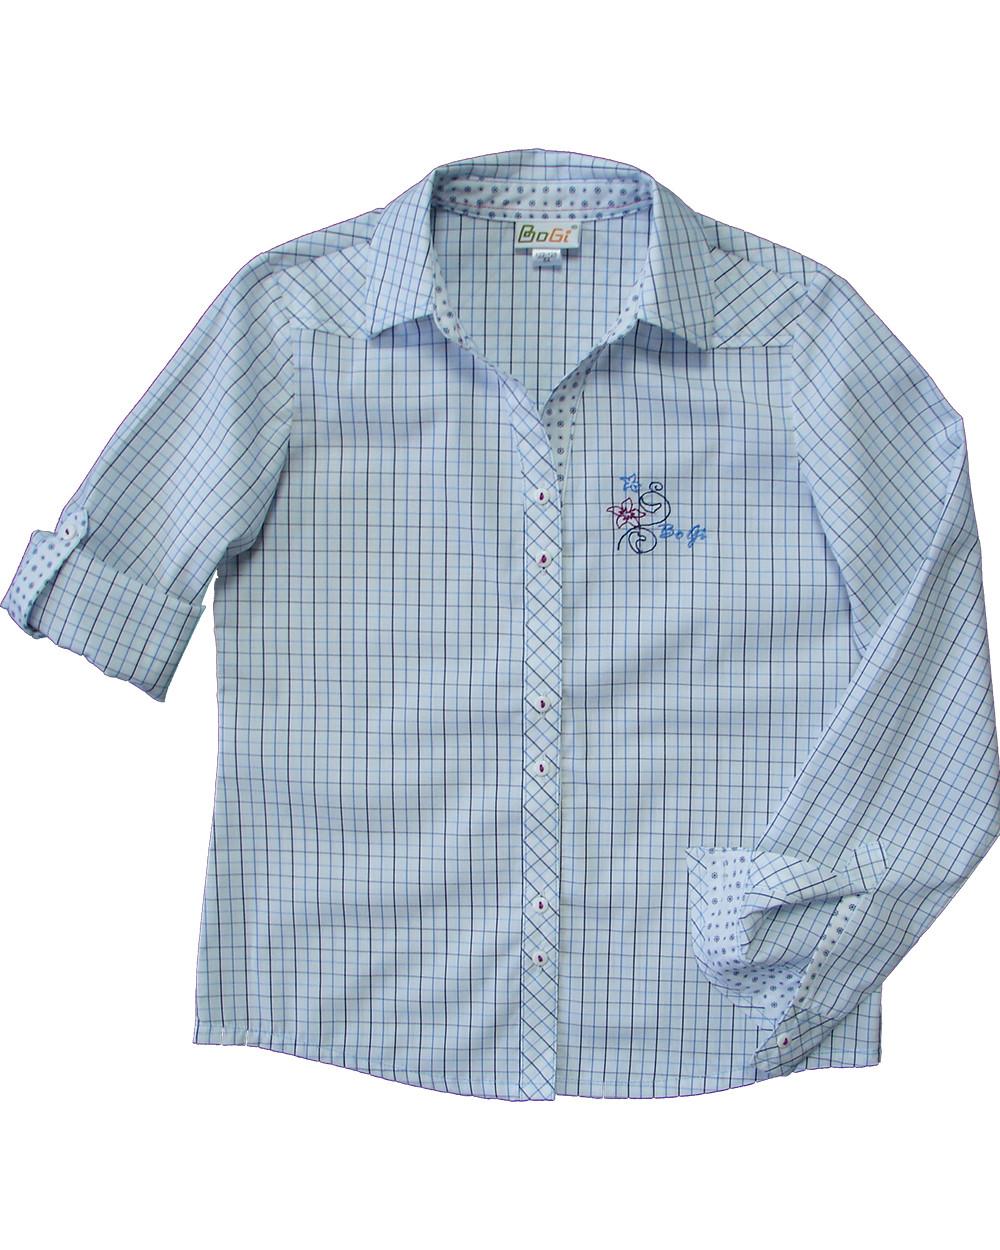 Сорочка для дівчинки,  біла в клітинку, регулюваний рукав,  BOGI (Божі)